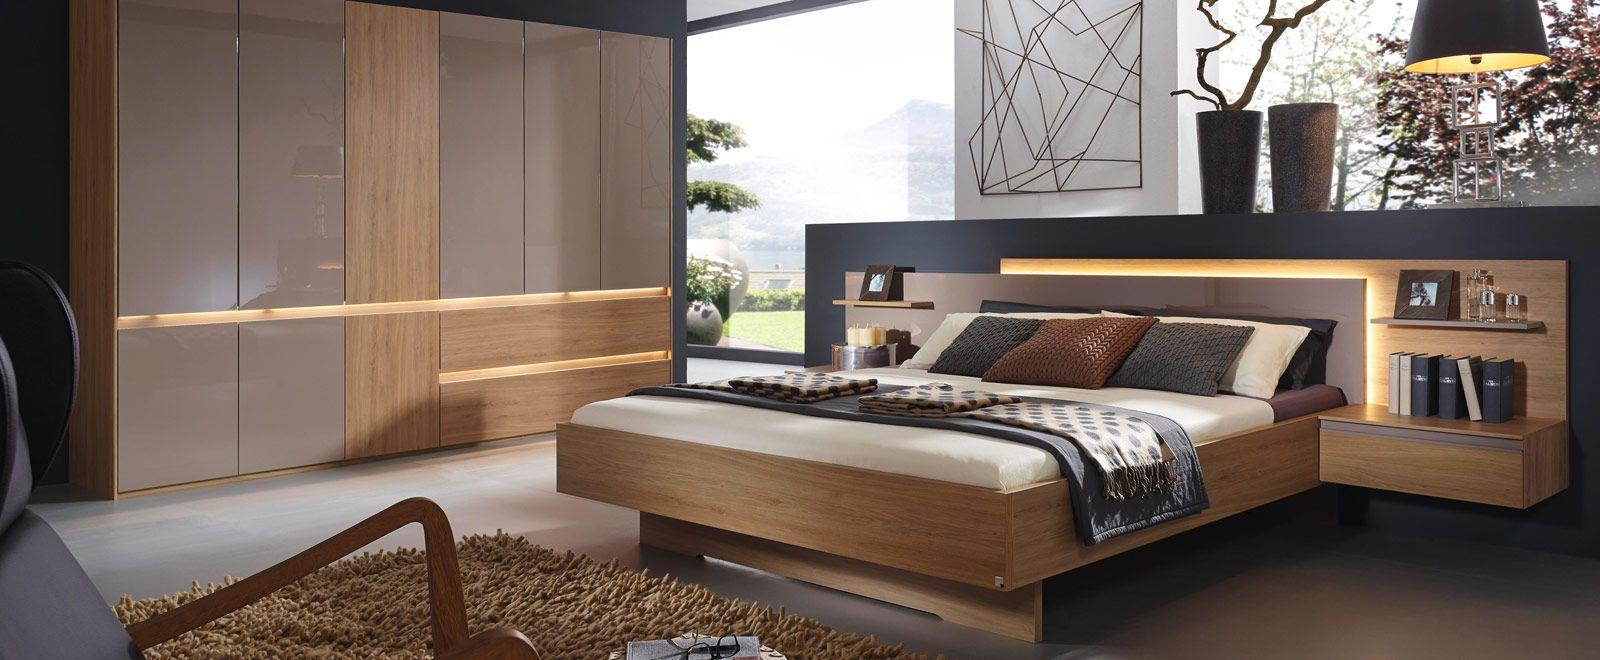 Billig rauch möbel schlafzimmer | Deutsche Deko | Pinterest | Oak ...